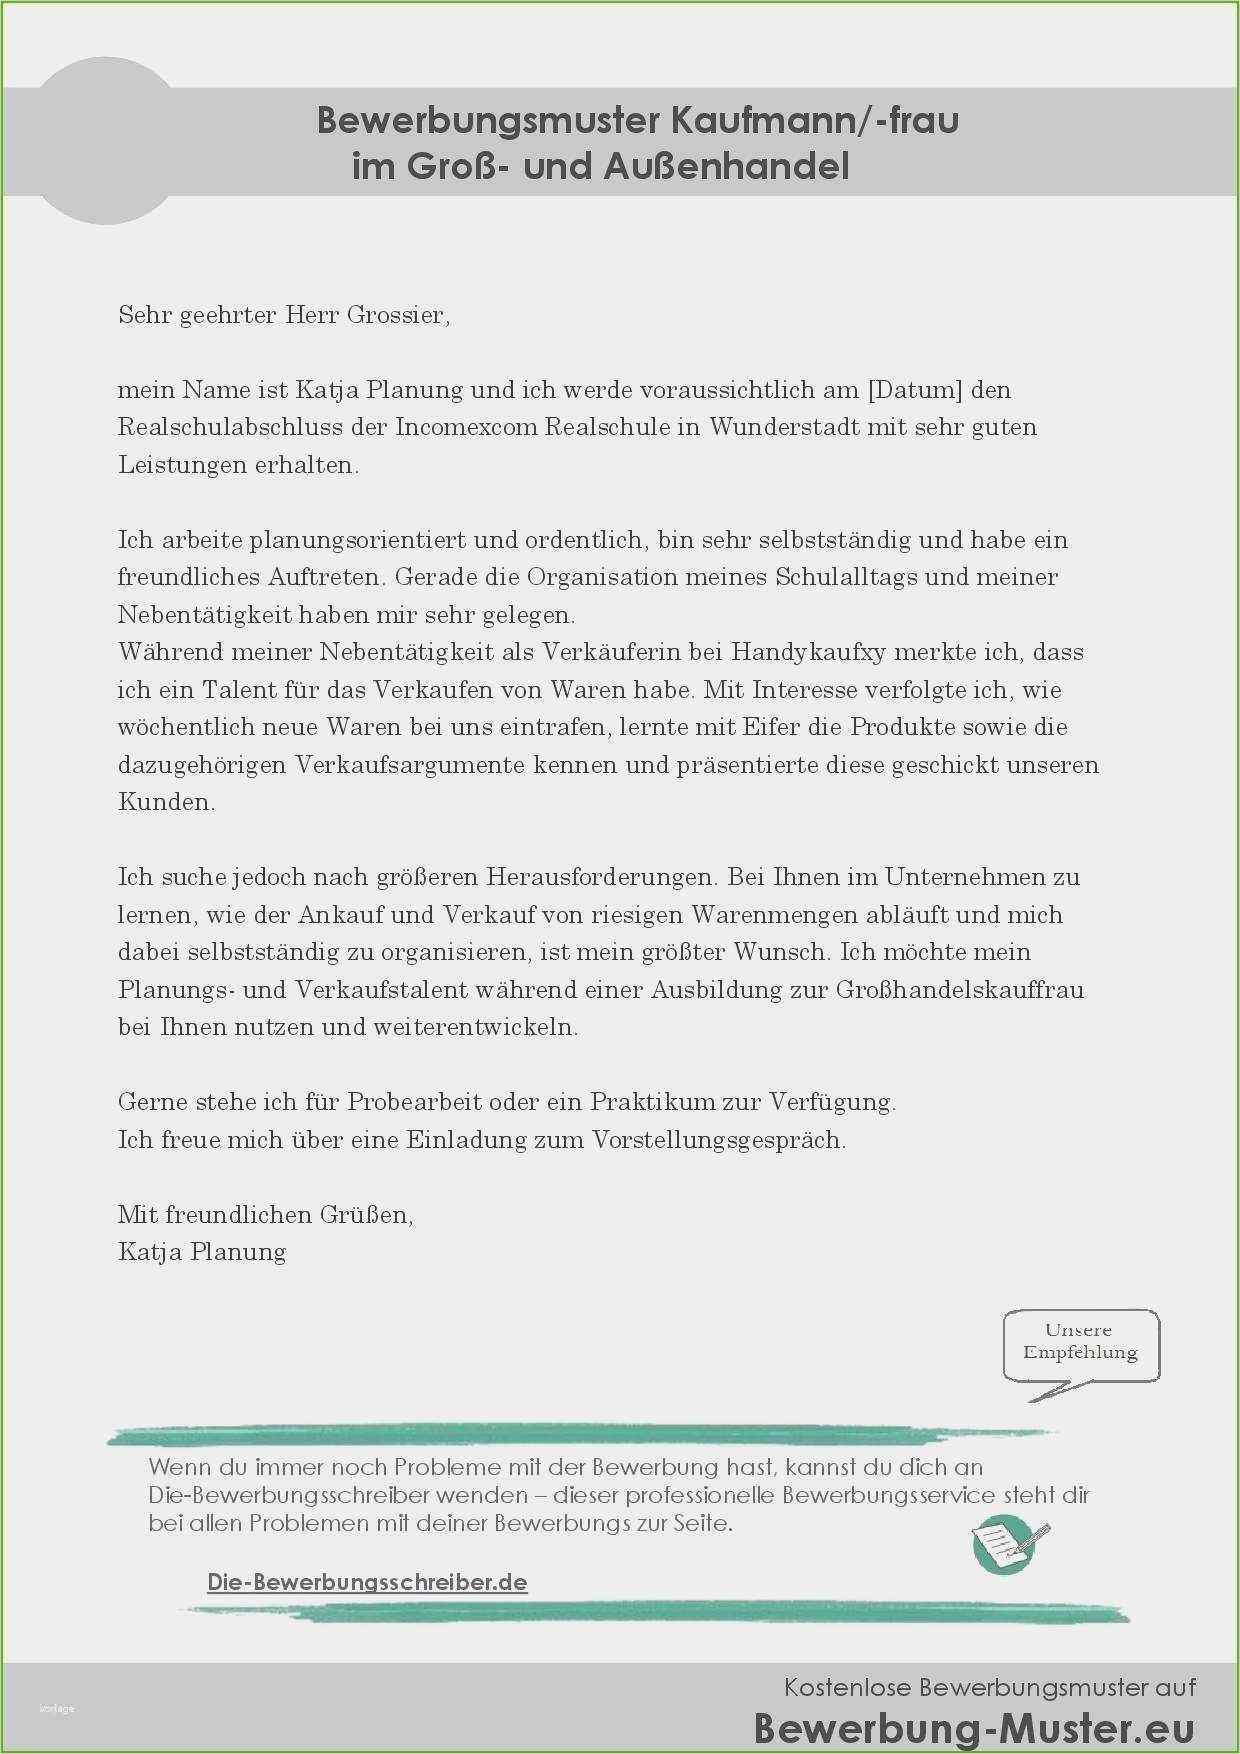 Genial Bewerbung Einzelhandelskauffrau Ausbildung Vorlage Galerie Lebenslauf Lebenslauf Vorlage Schuler Lebenslauf Vorlagen Word